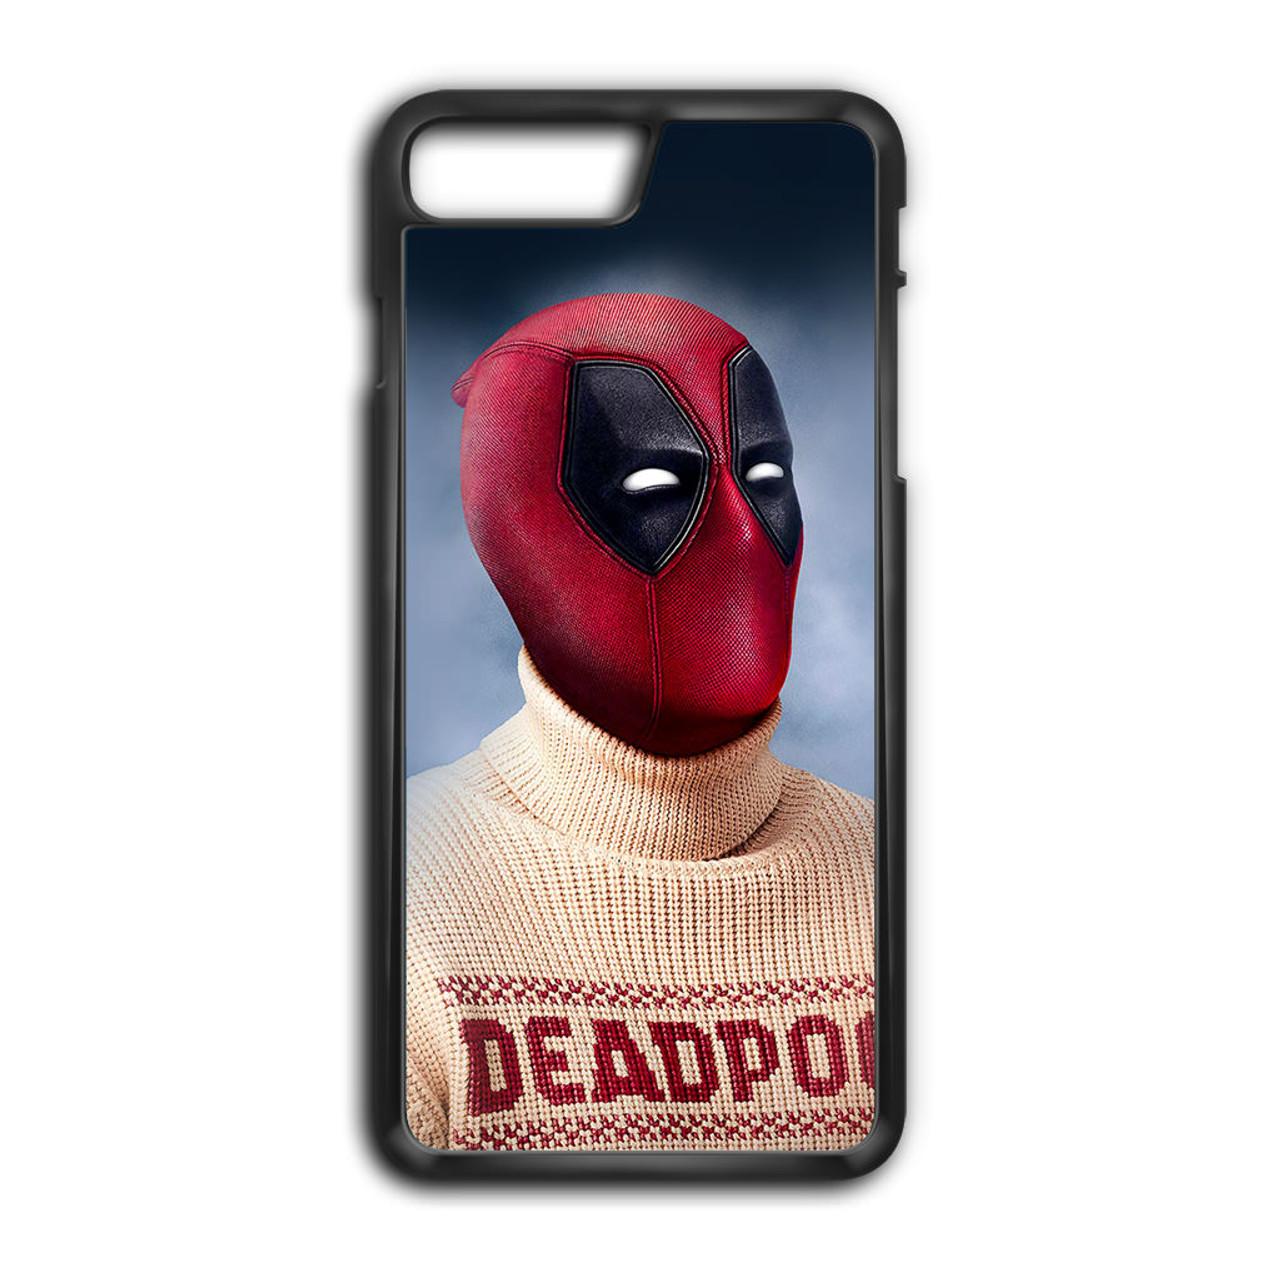 deadpool phone case iphone 8 plus